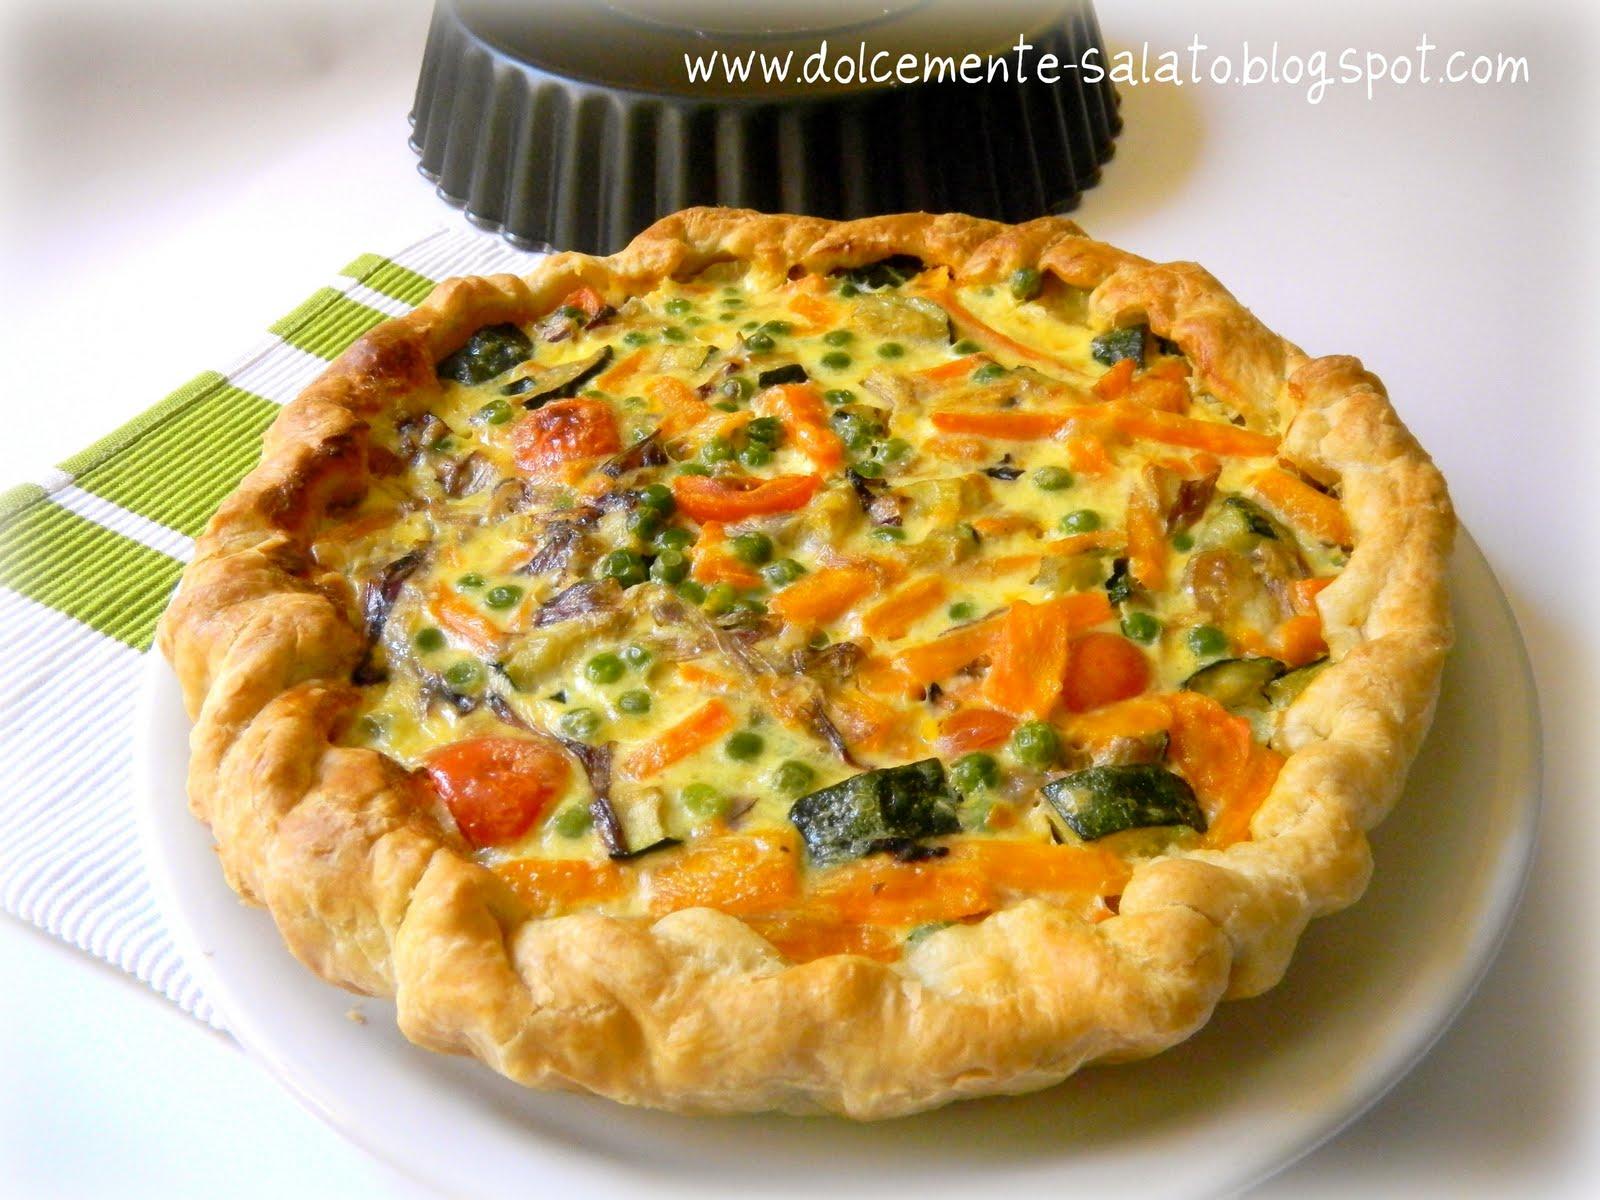 Dolcemente salato quiche di verdure for Ricette con verdure